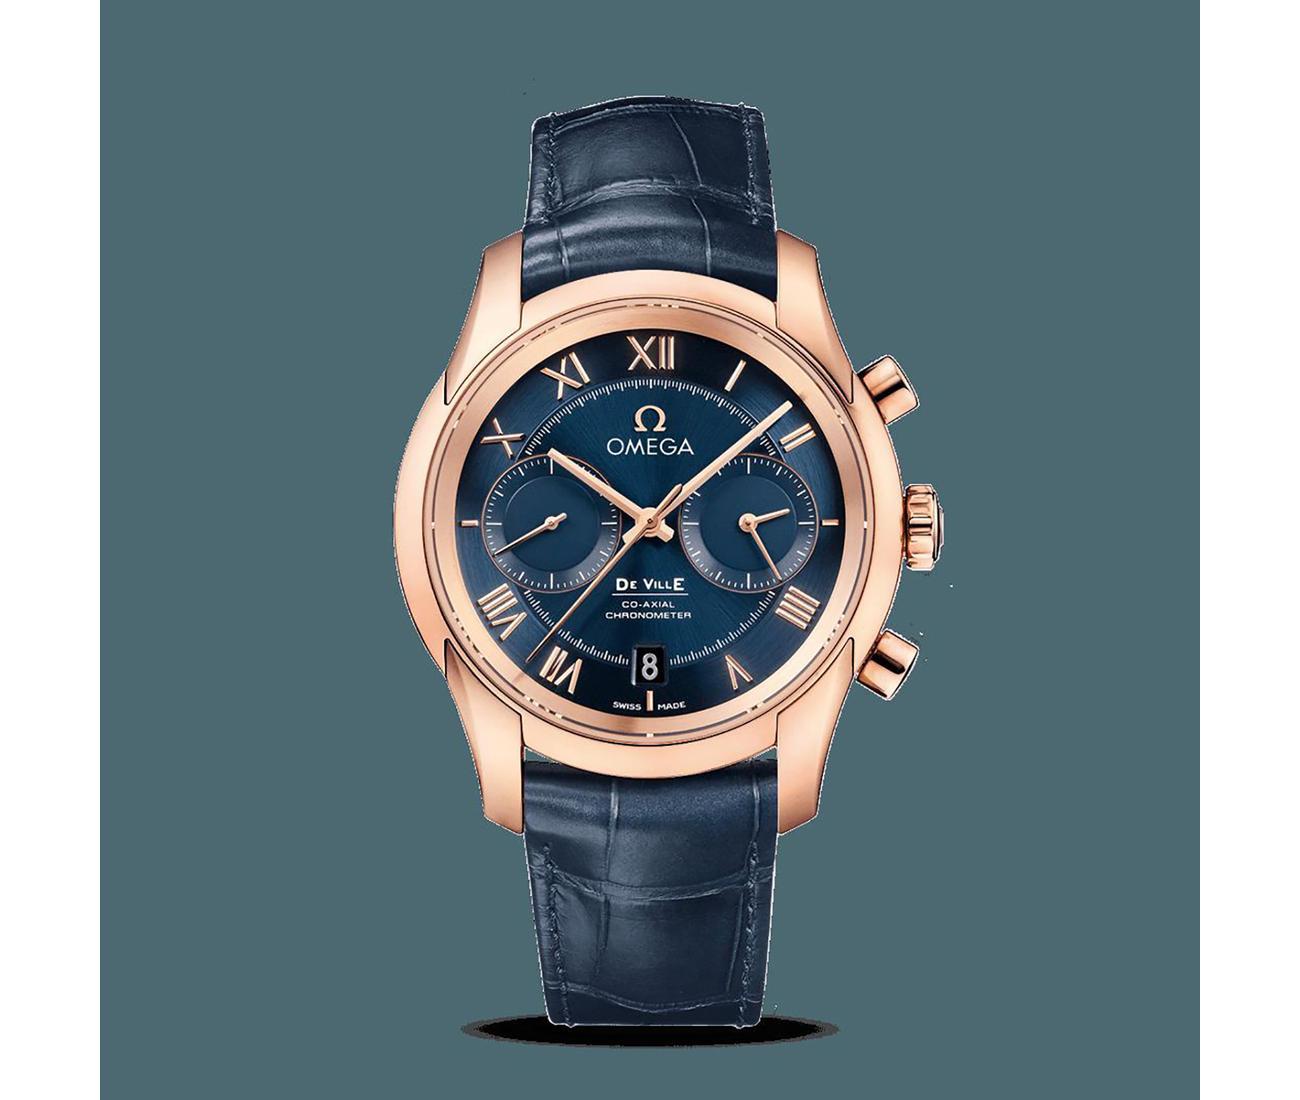 De Ville Omega Co-axial Chronograph